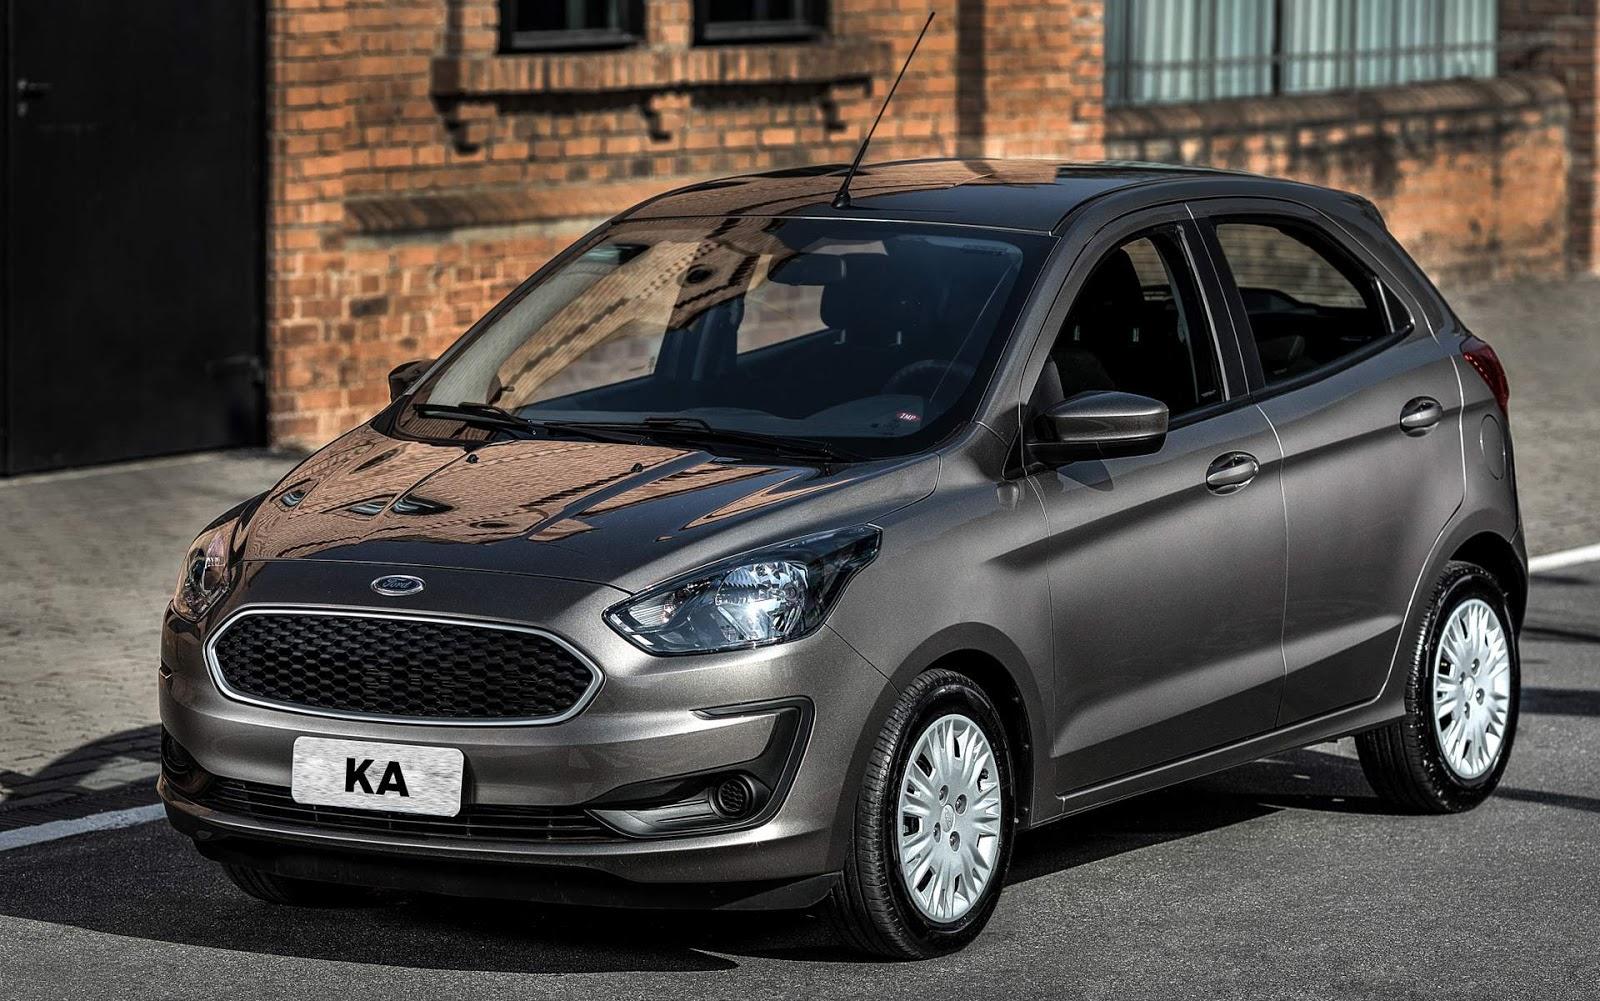 Ford encerra produção e fecha todas as fábricas no Brasil